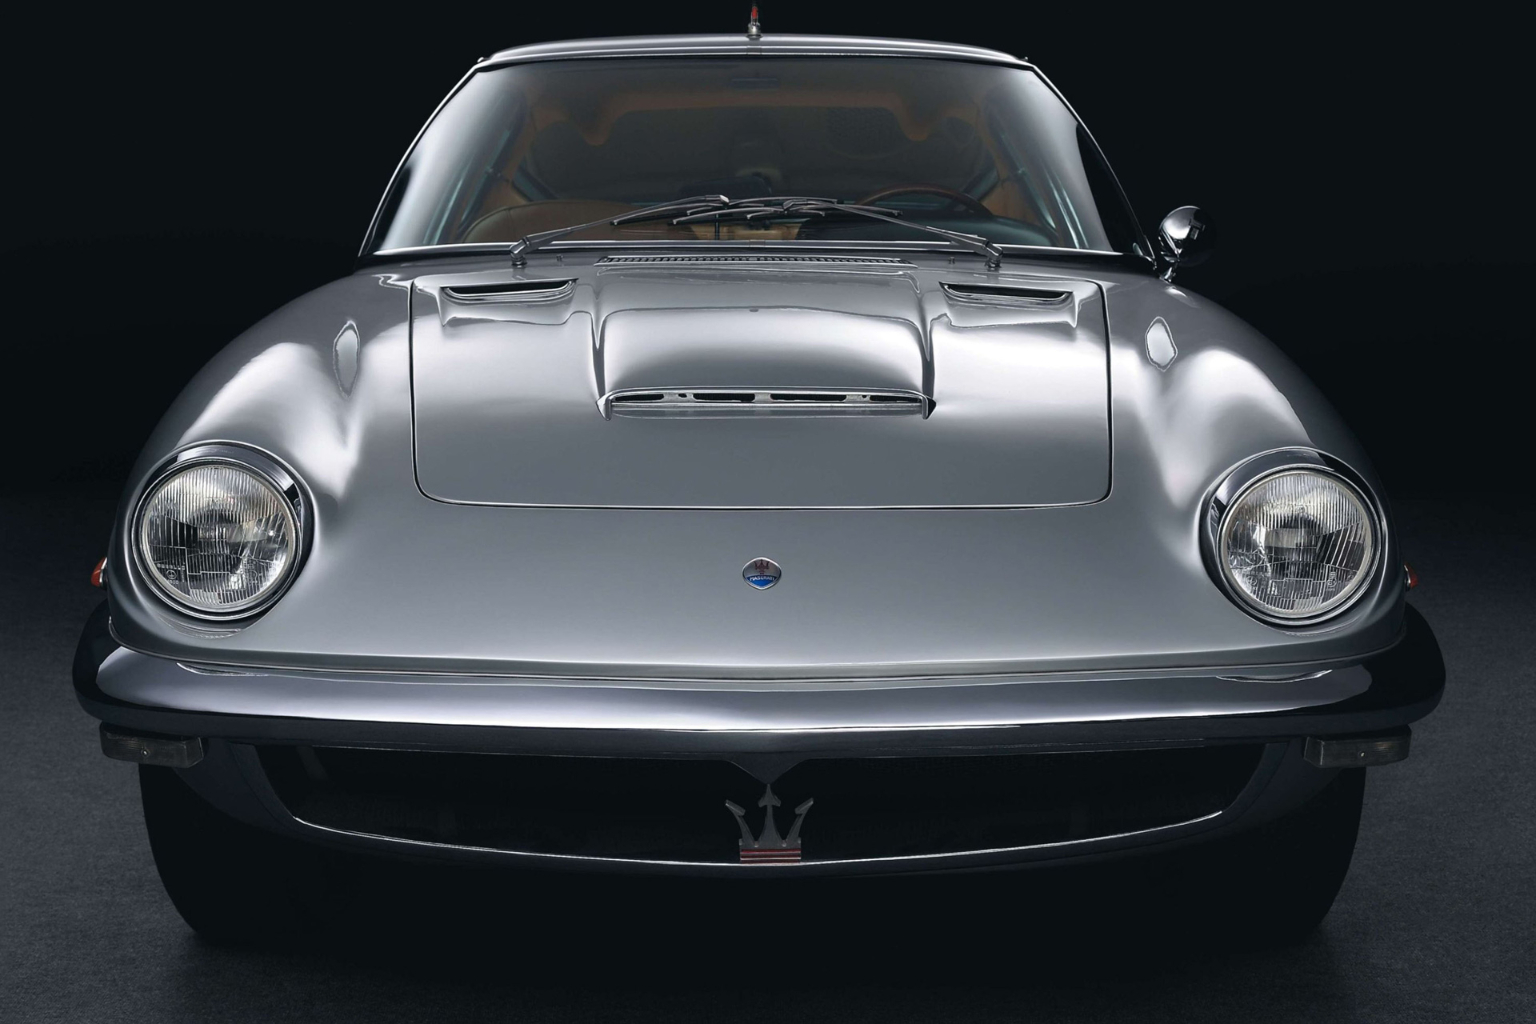 Maserati-Mistral_mp101_pic_68366